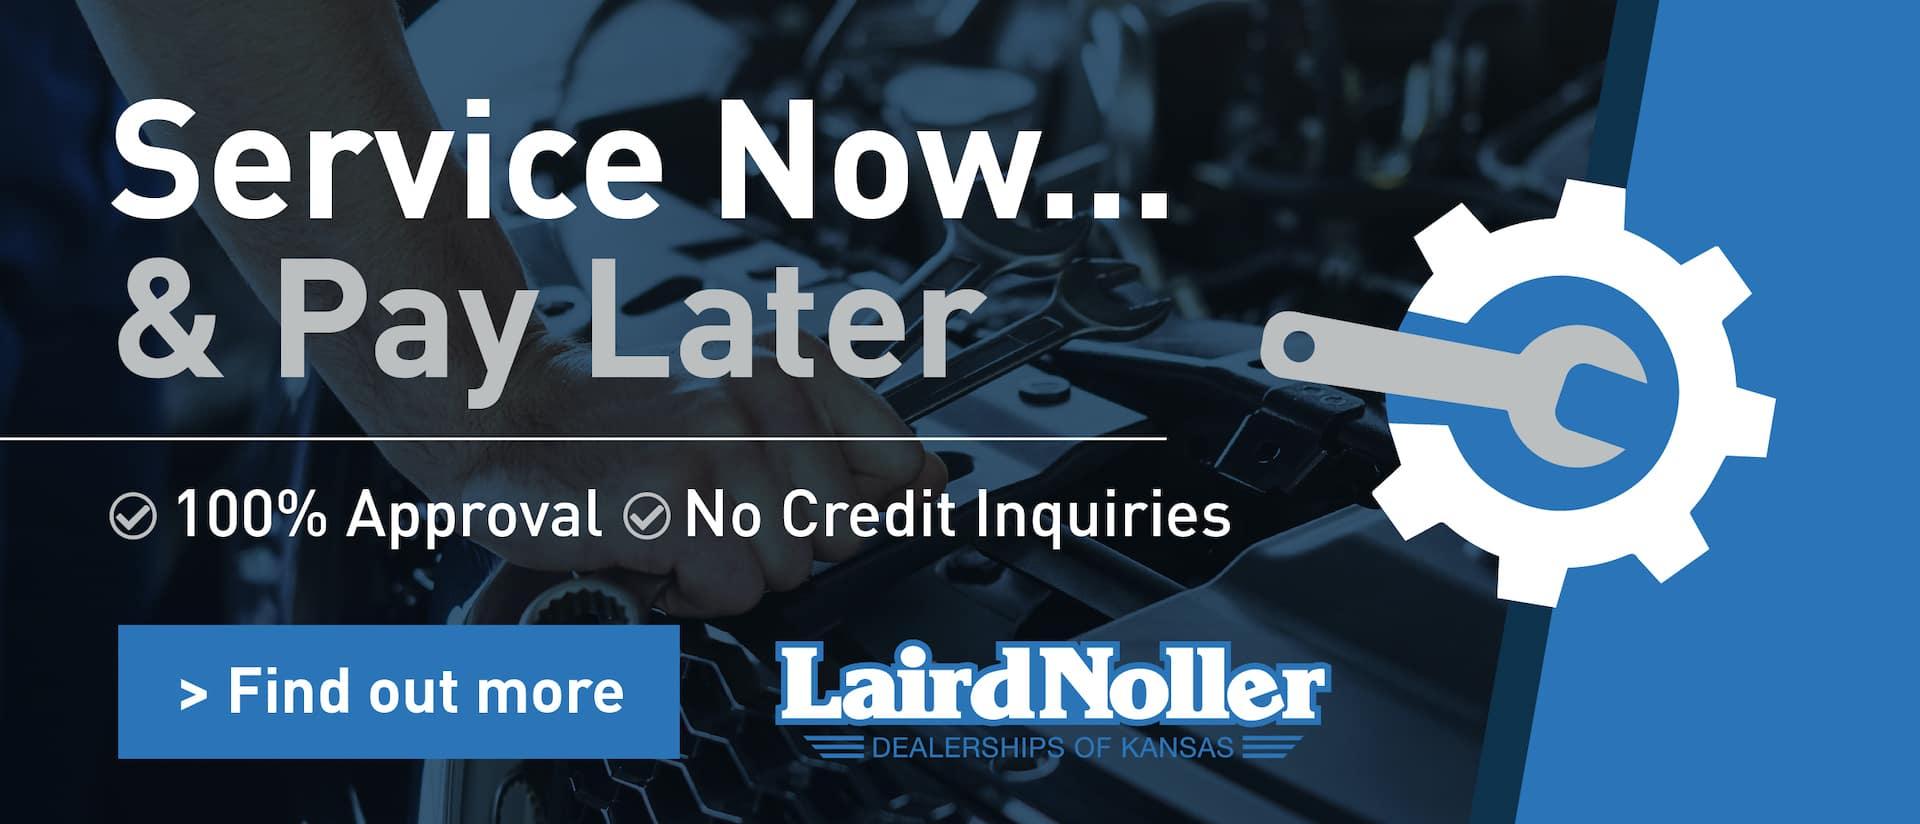 7-26-21_LairdNoller_ServiceFinancing_WebBanner-01 copy